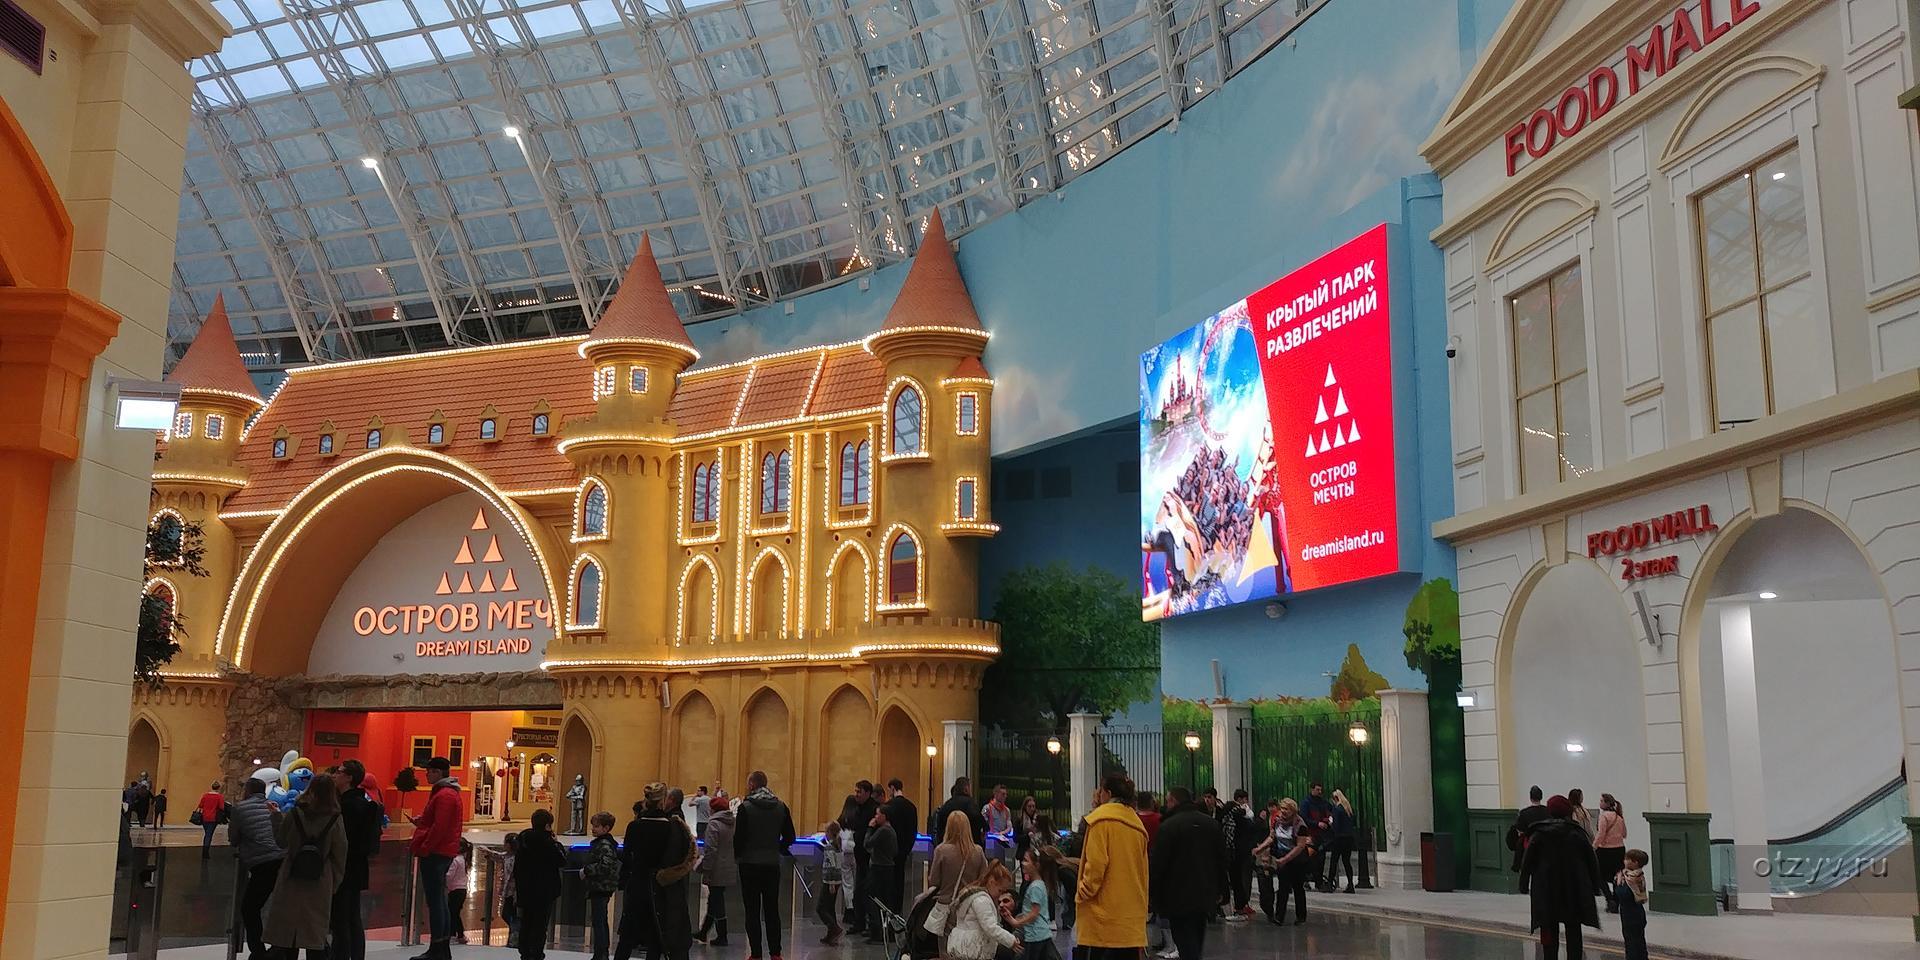 Остров Мечты В Москве Торговый Центр Магазины